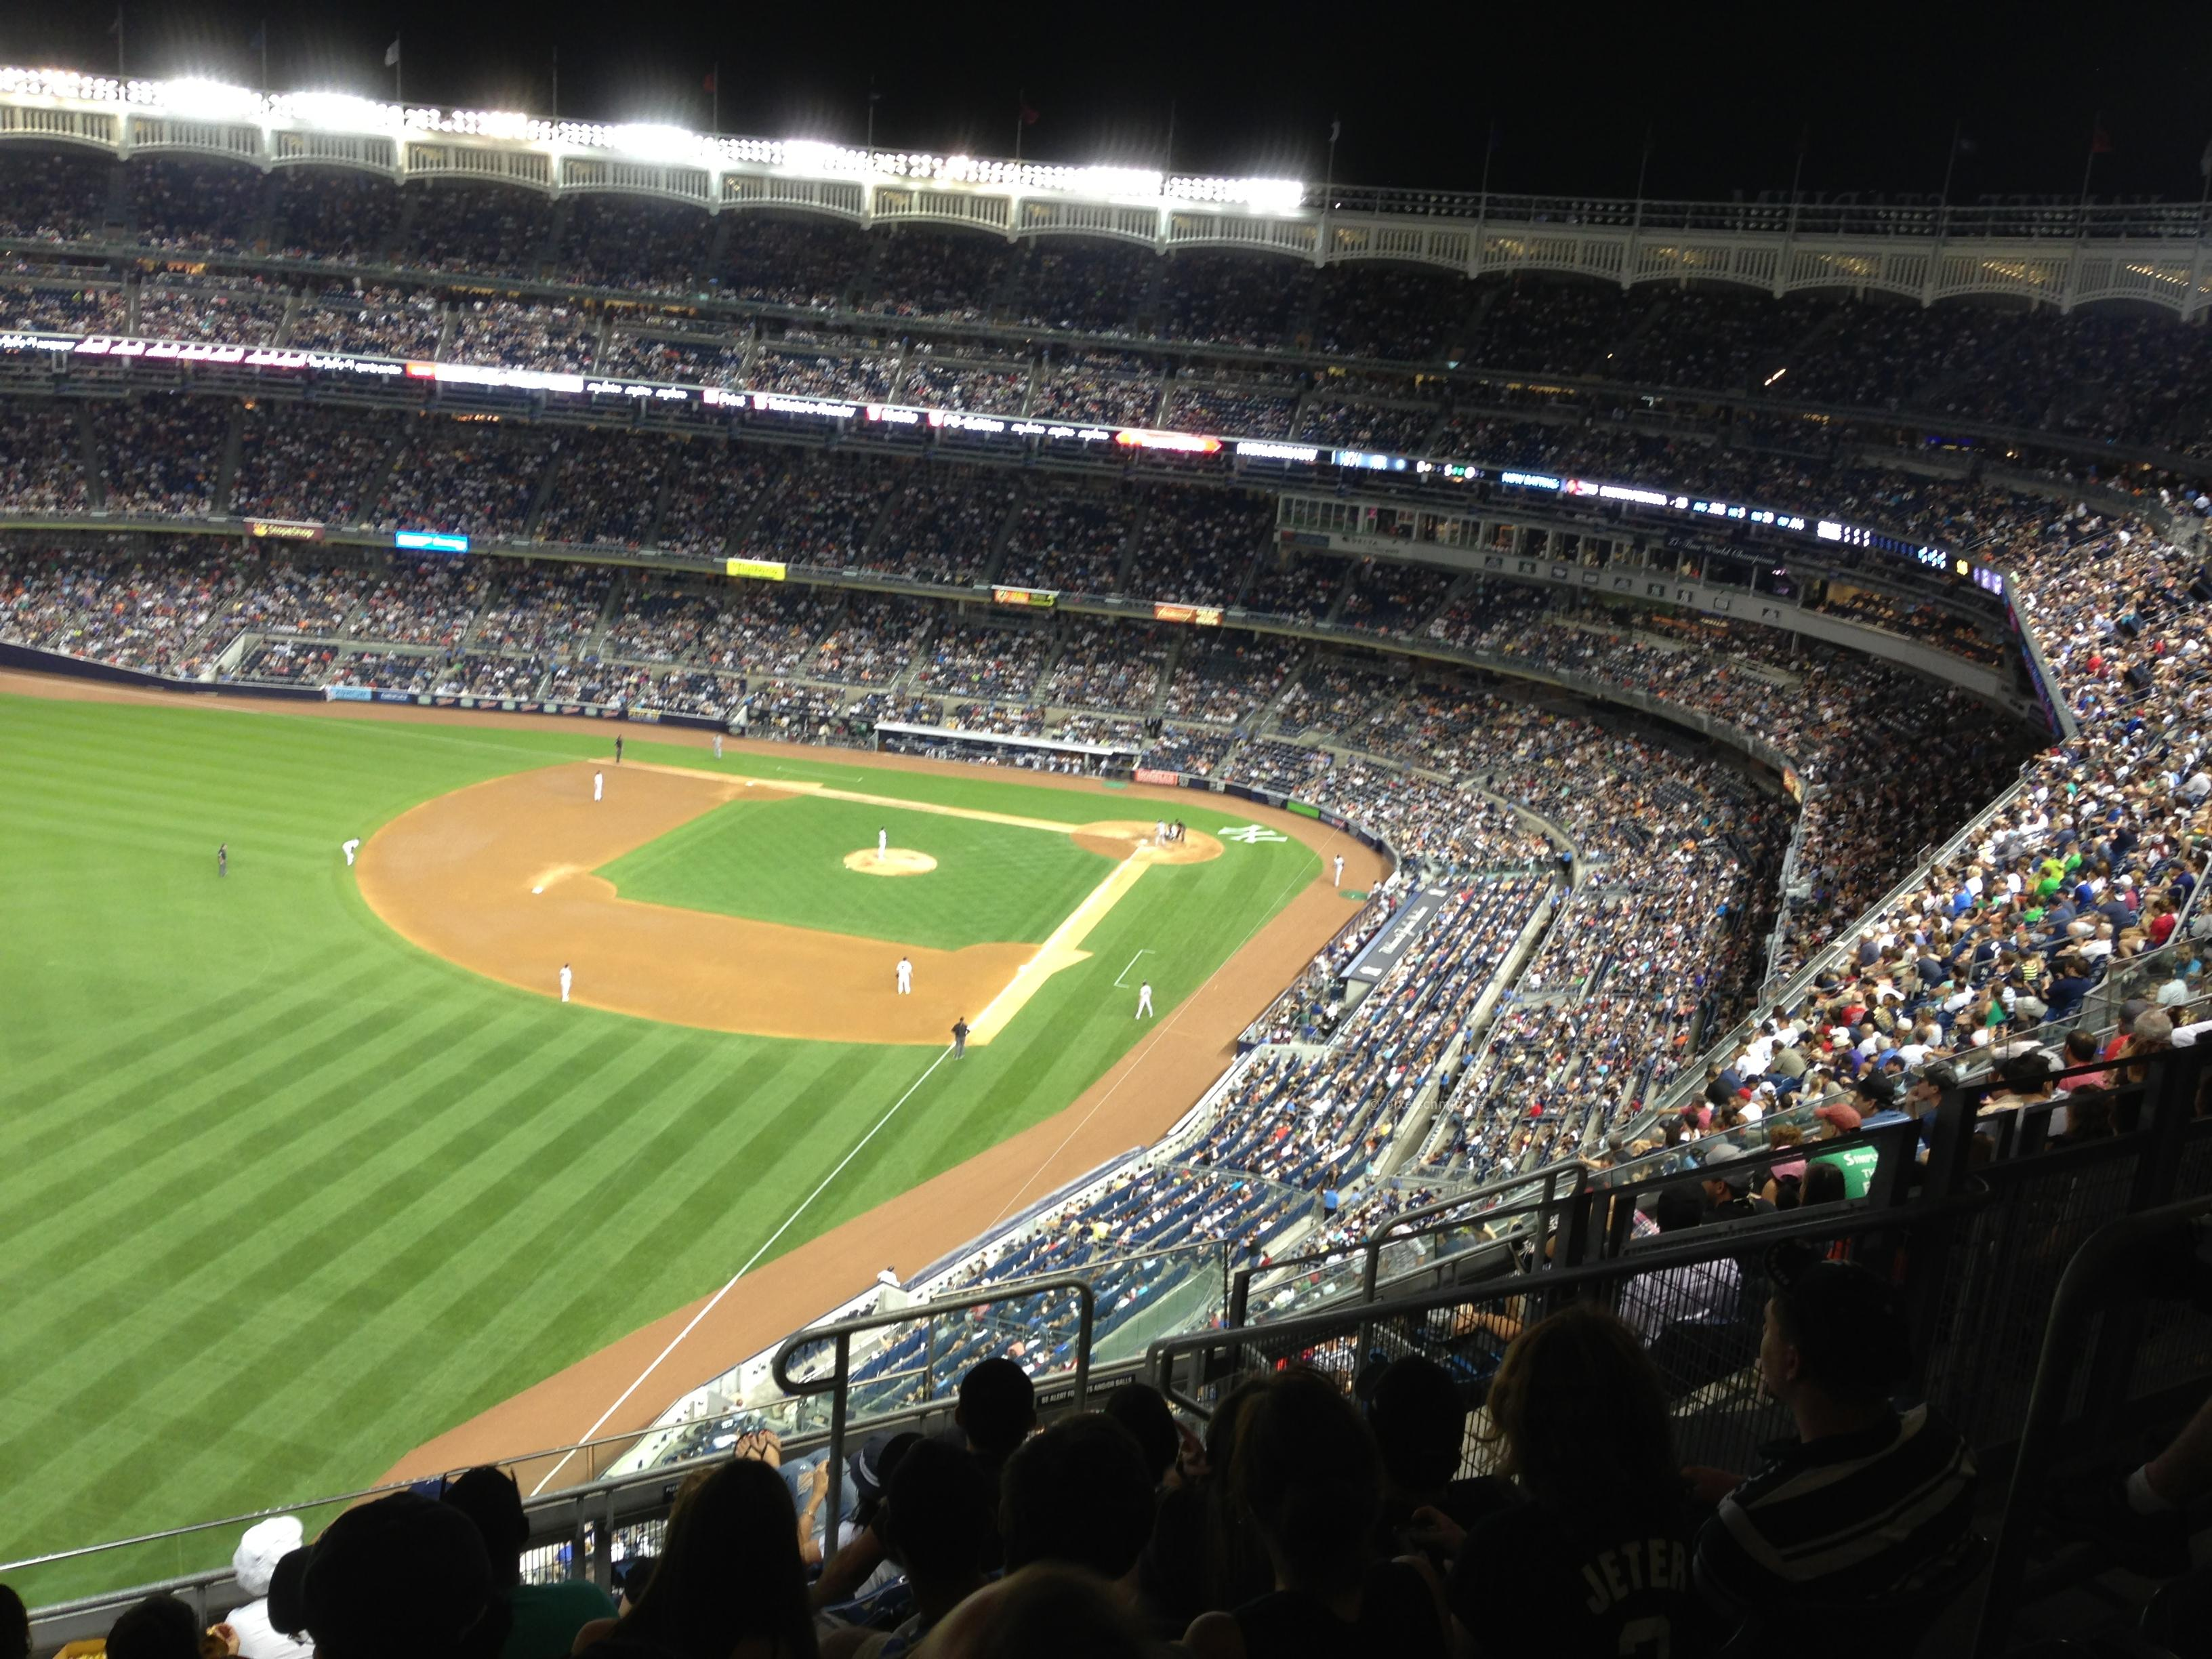 Ein Abend im Stadion der New York Yankees mit Blitz und Donner